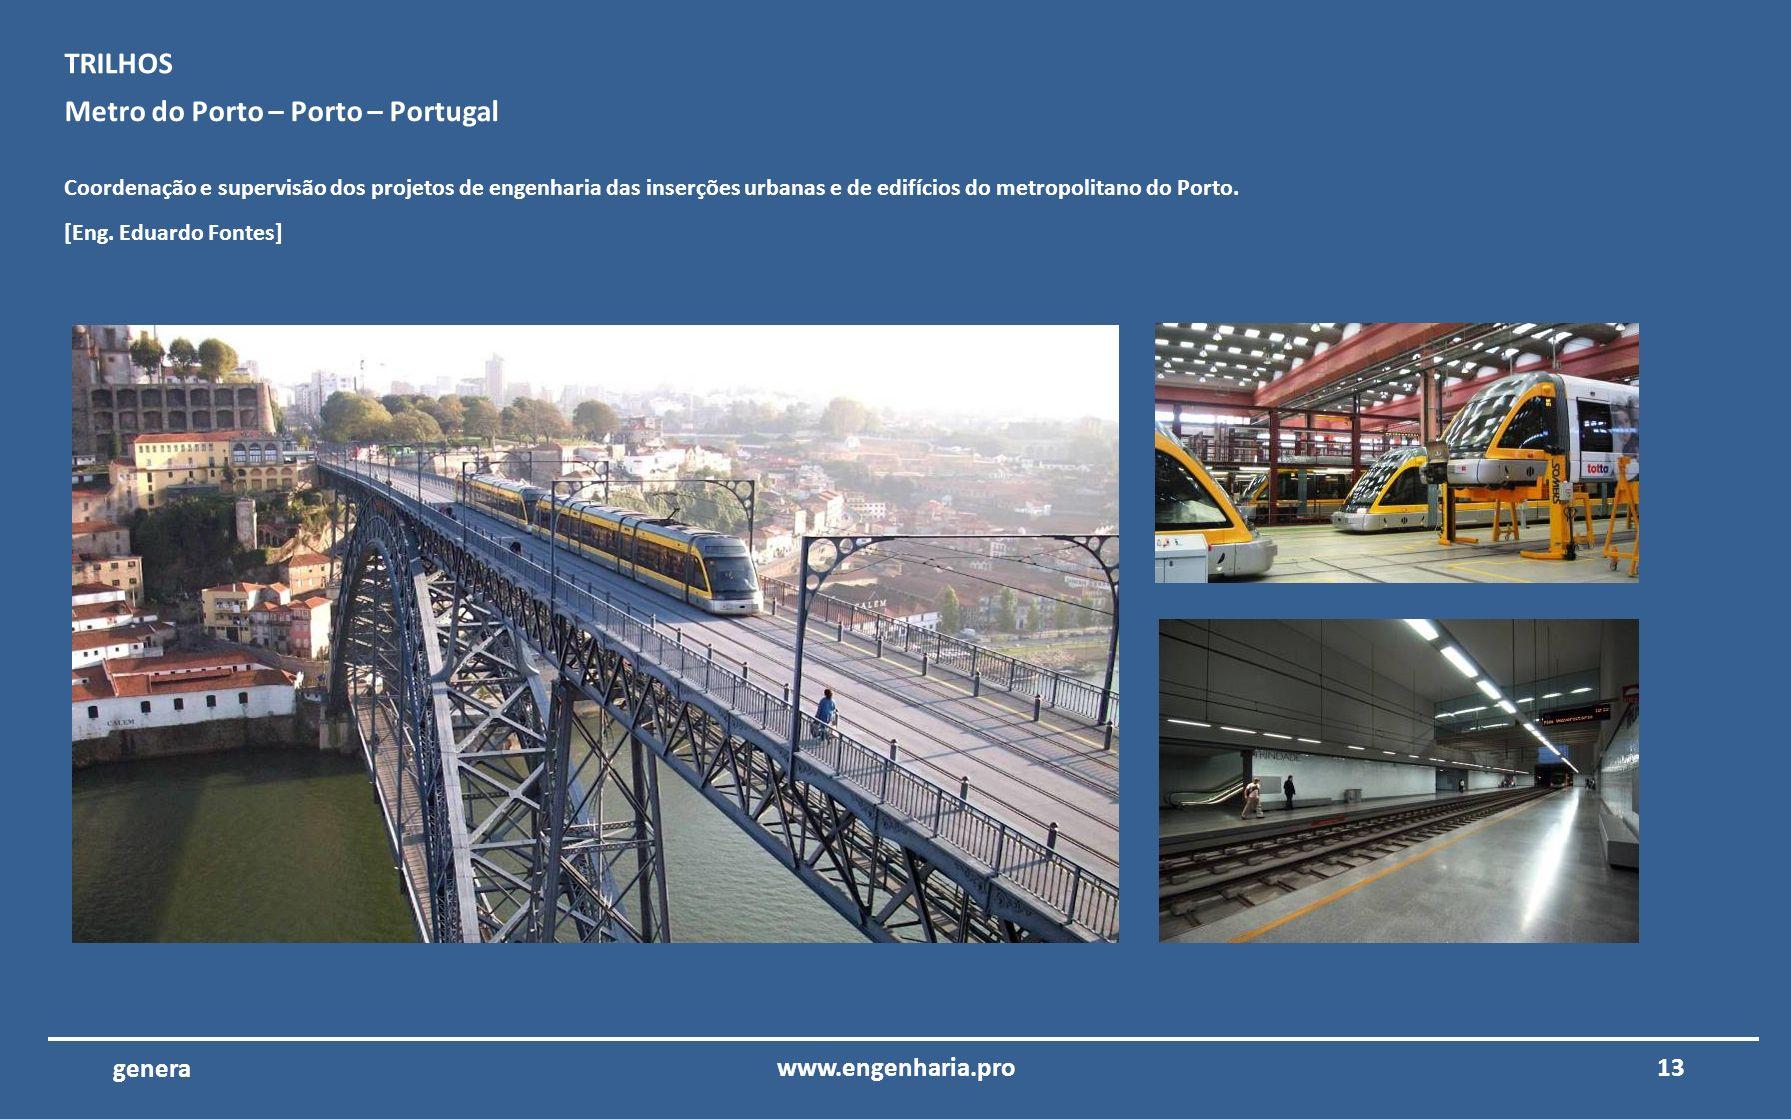 12www.engenharia.pro genera Metro do Porto – Porto – Portugal Coordenação e supervisão dos projetos de engenharia do edifícios de operações e controlo